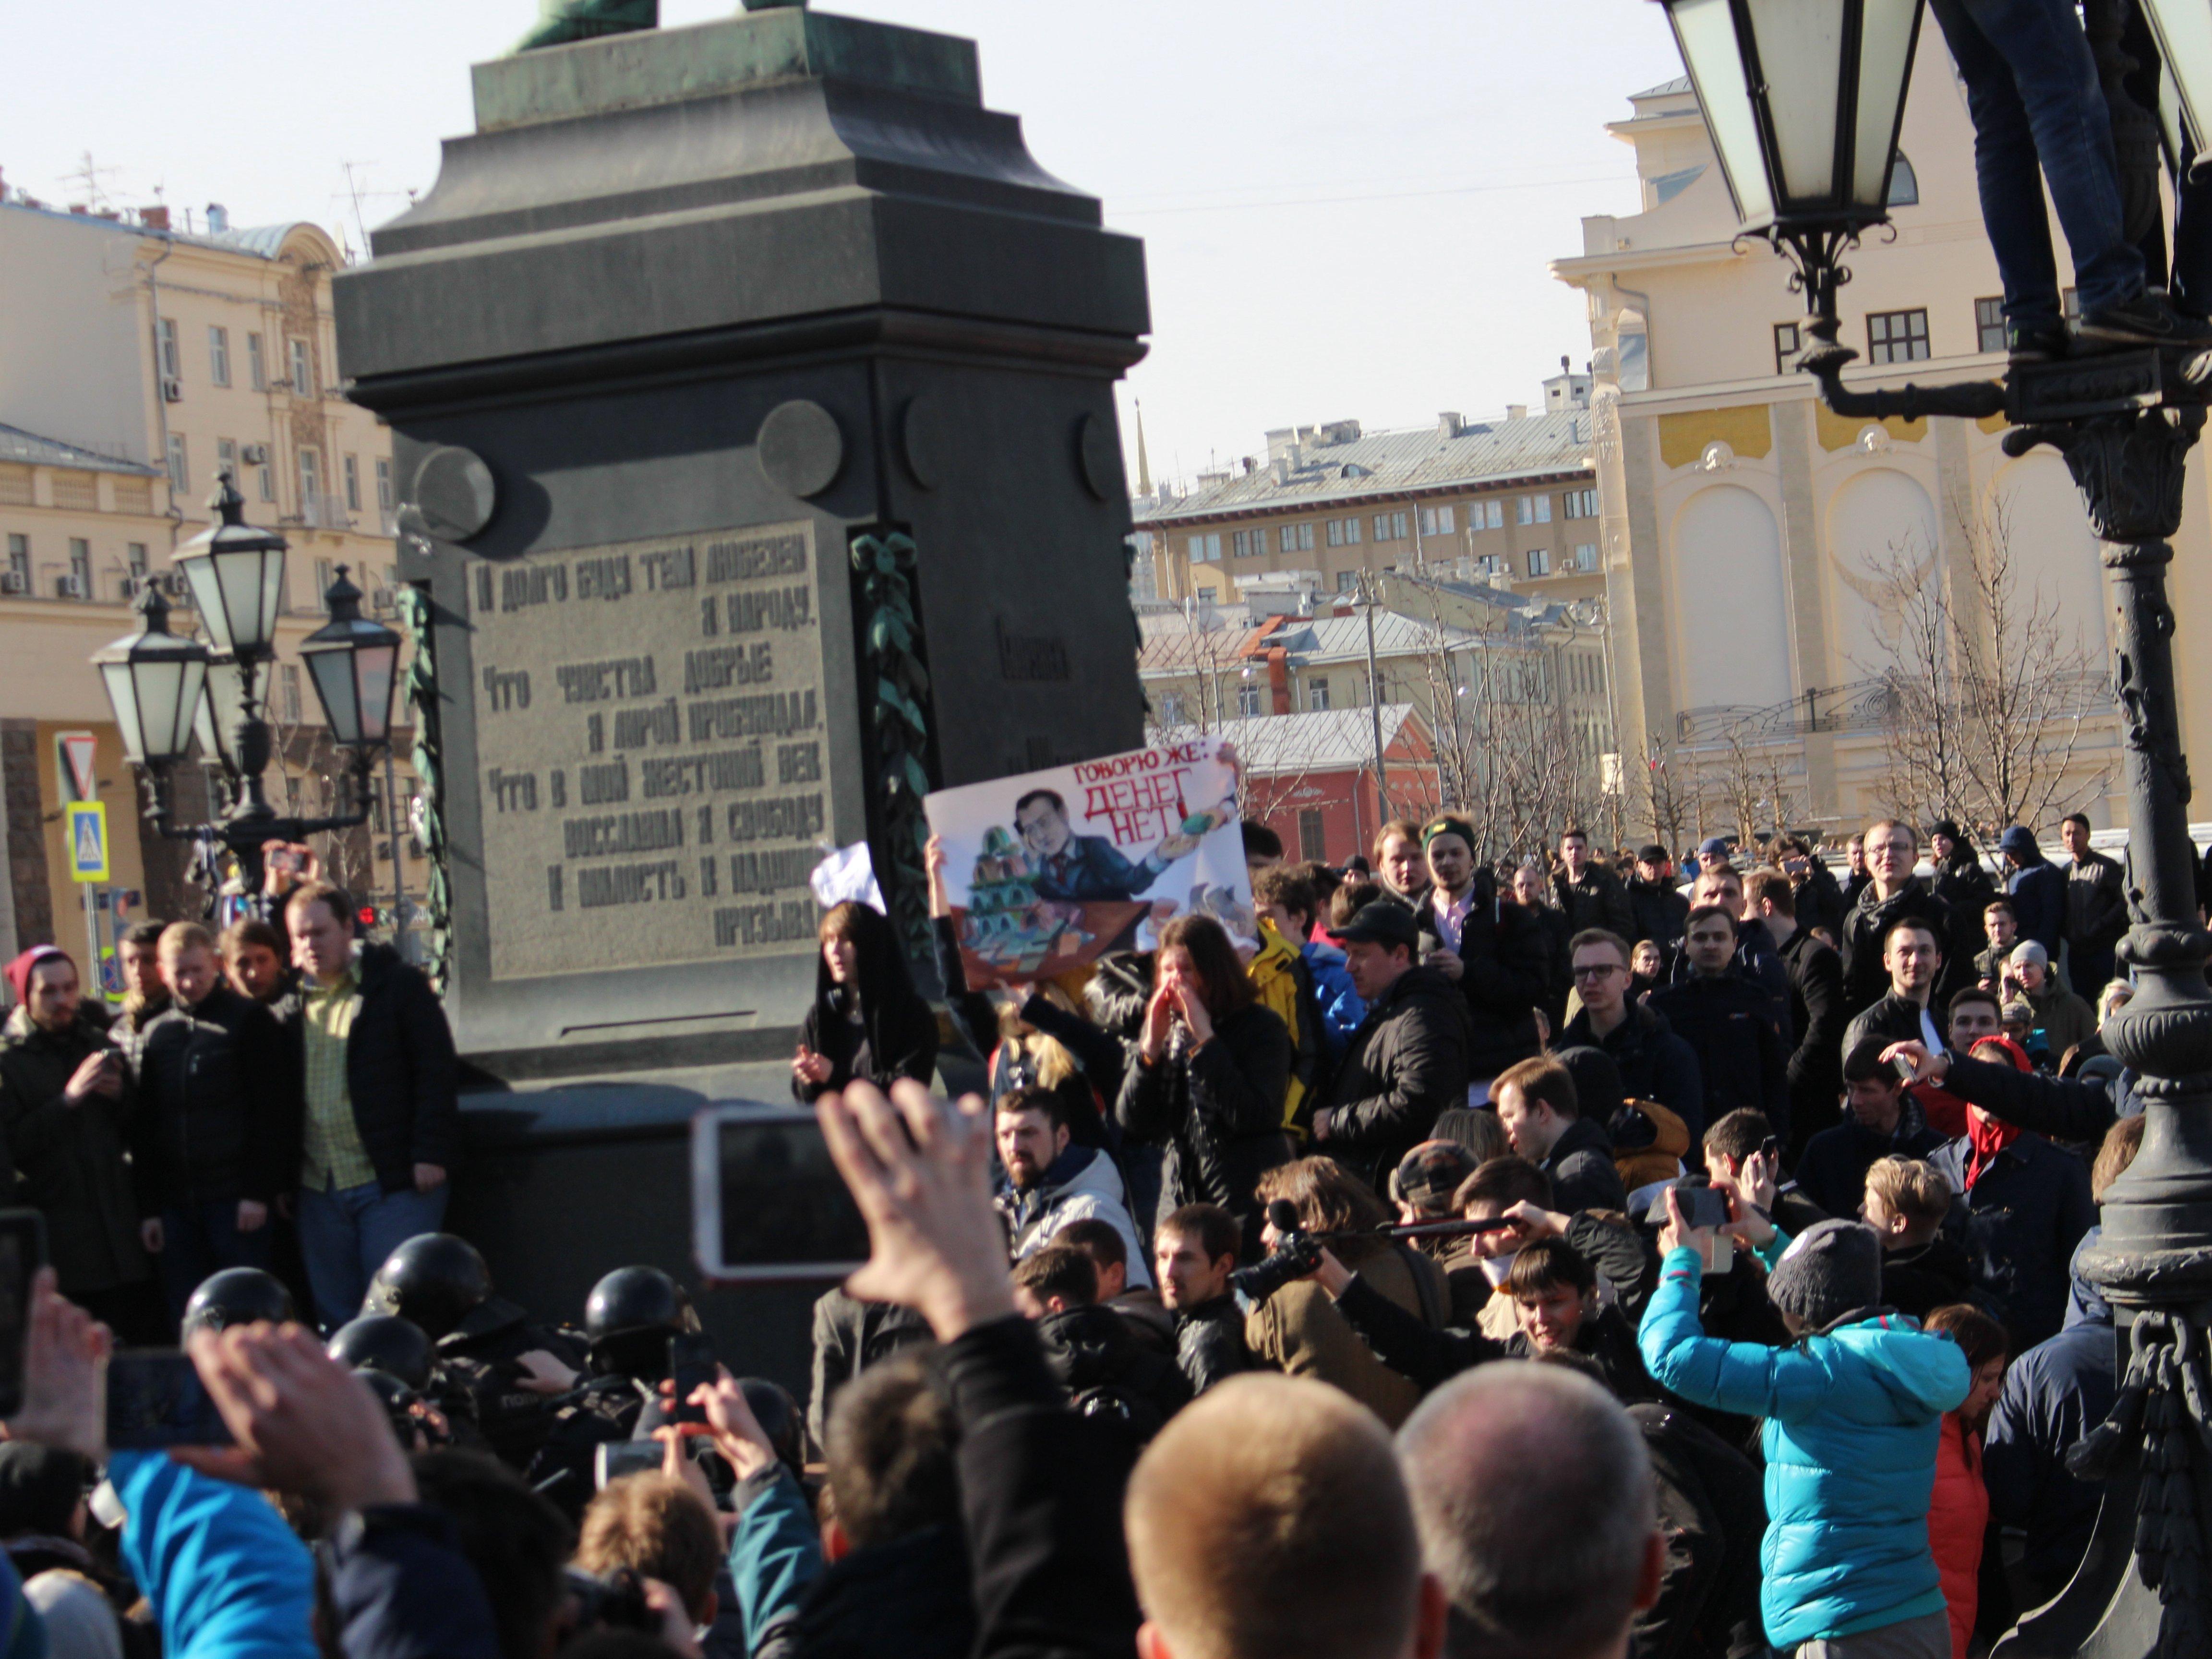 Обвинение запросило 4,5 года колонии для участника митинга 26 марта в Москве